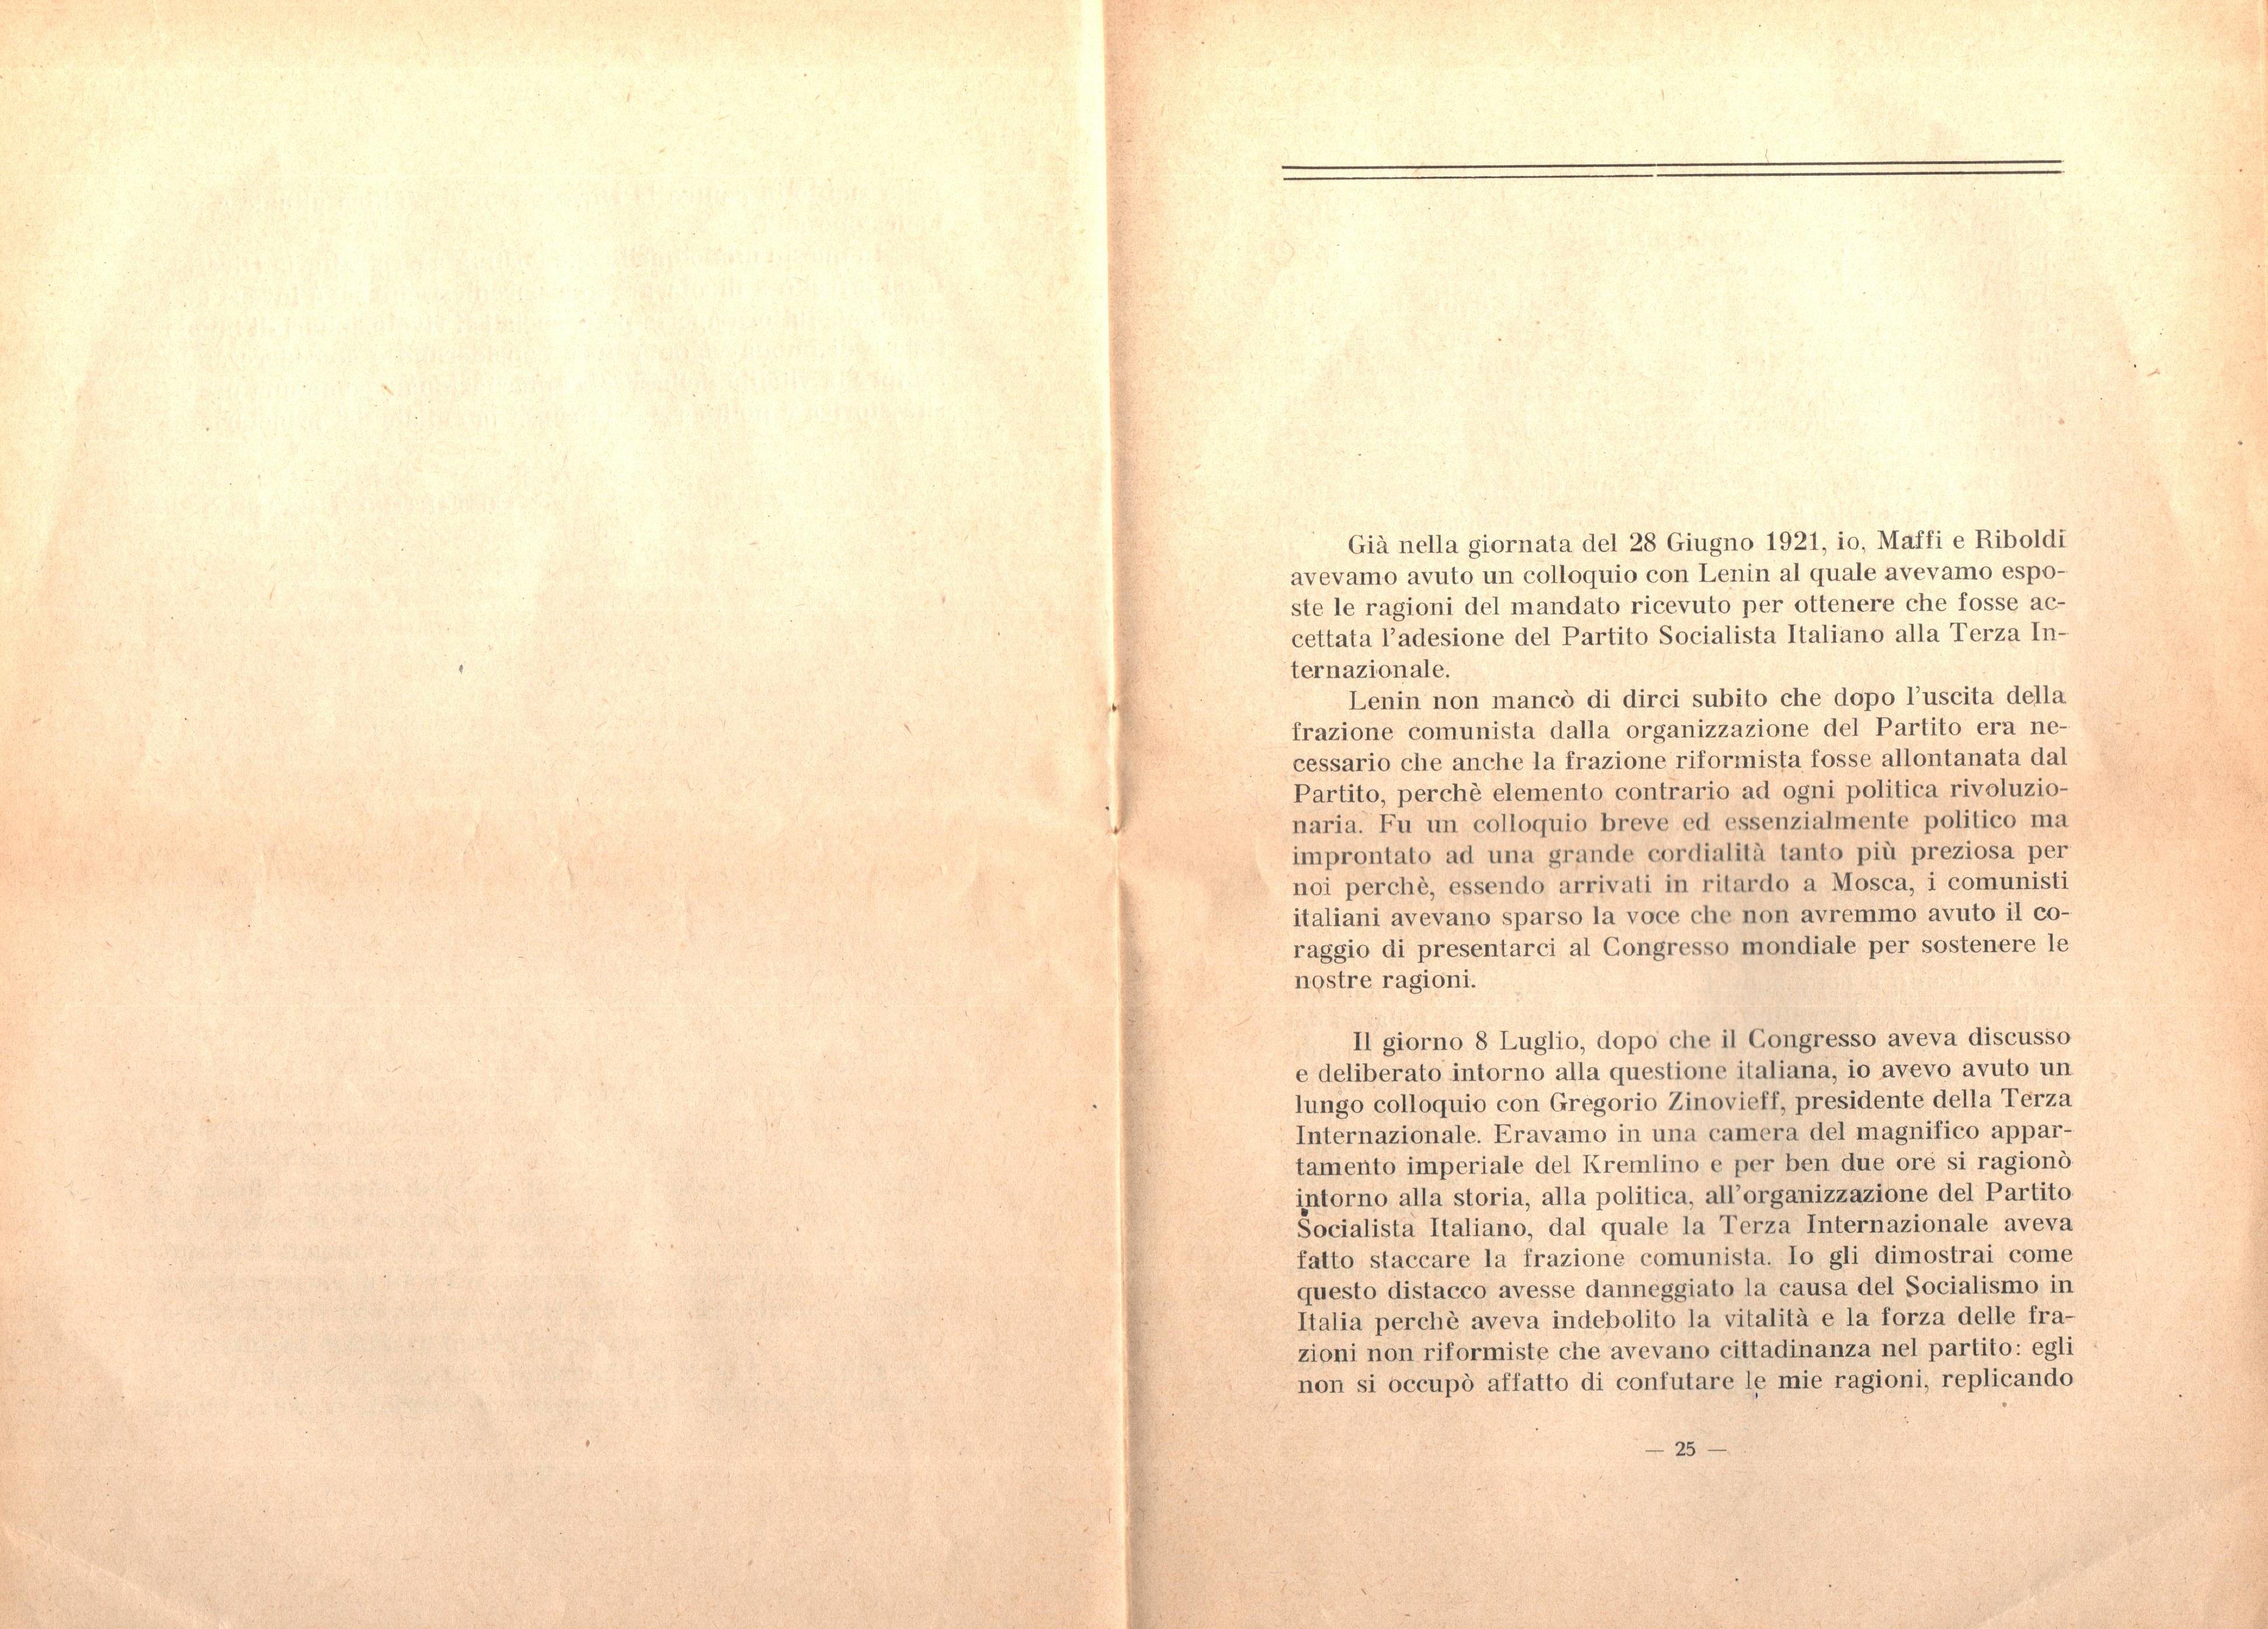 C. Lazzari, Il mio ultimo colloquio con Nicola Lenin - pag. 14